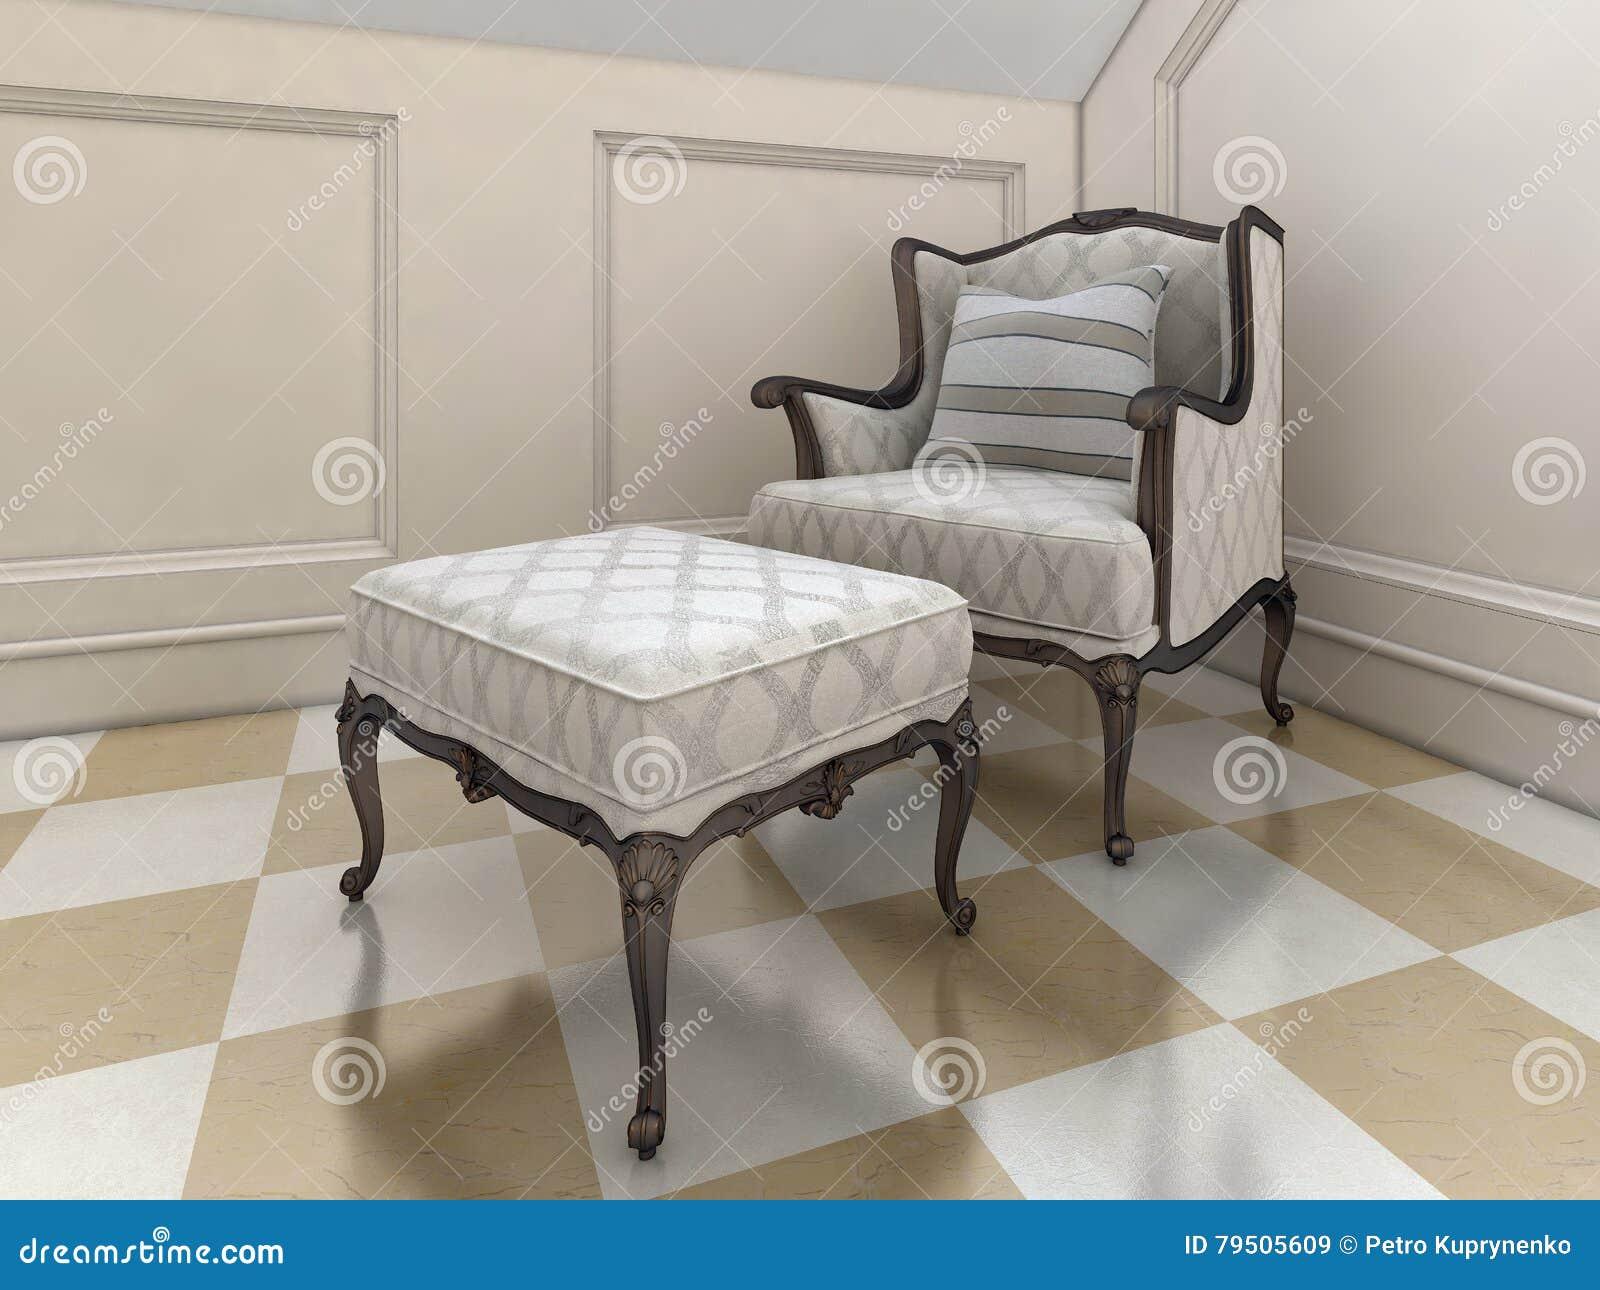 Der Grosse Sessel Im Badezimmer In Der Englischen Art Stock Abbildung Illustration Von Grosse Sessel 79505609